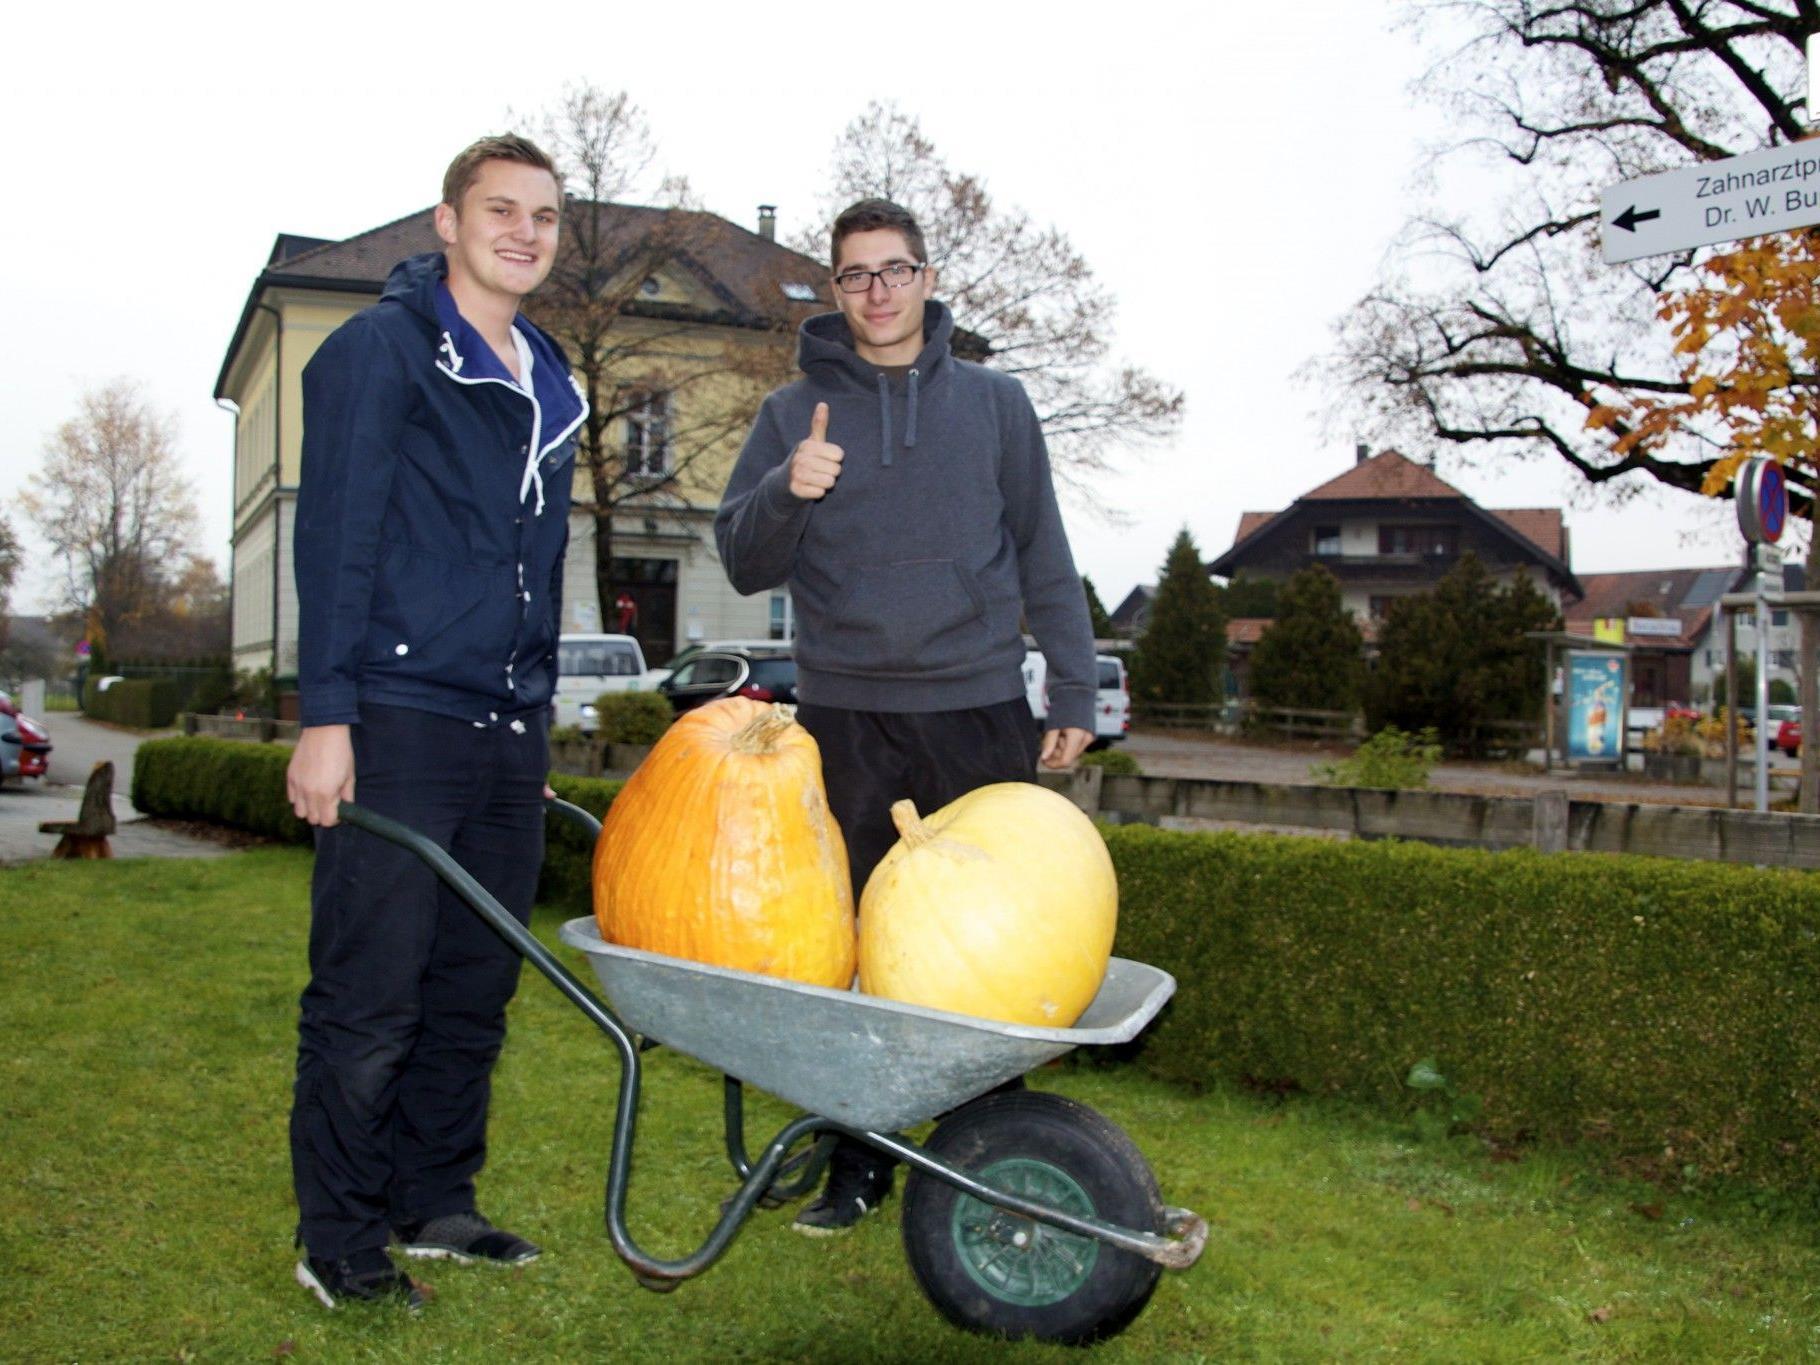 Adrian Moosbrugger und Emanuel Reiner sind stolz auf ihre Kürbisse, die sie im Hausgarten präsentieren